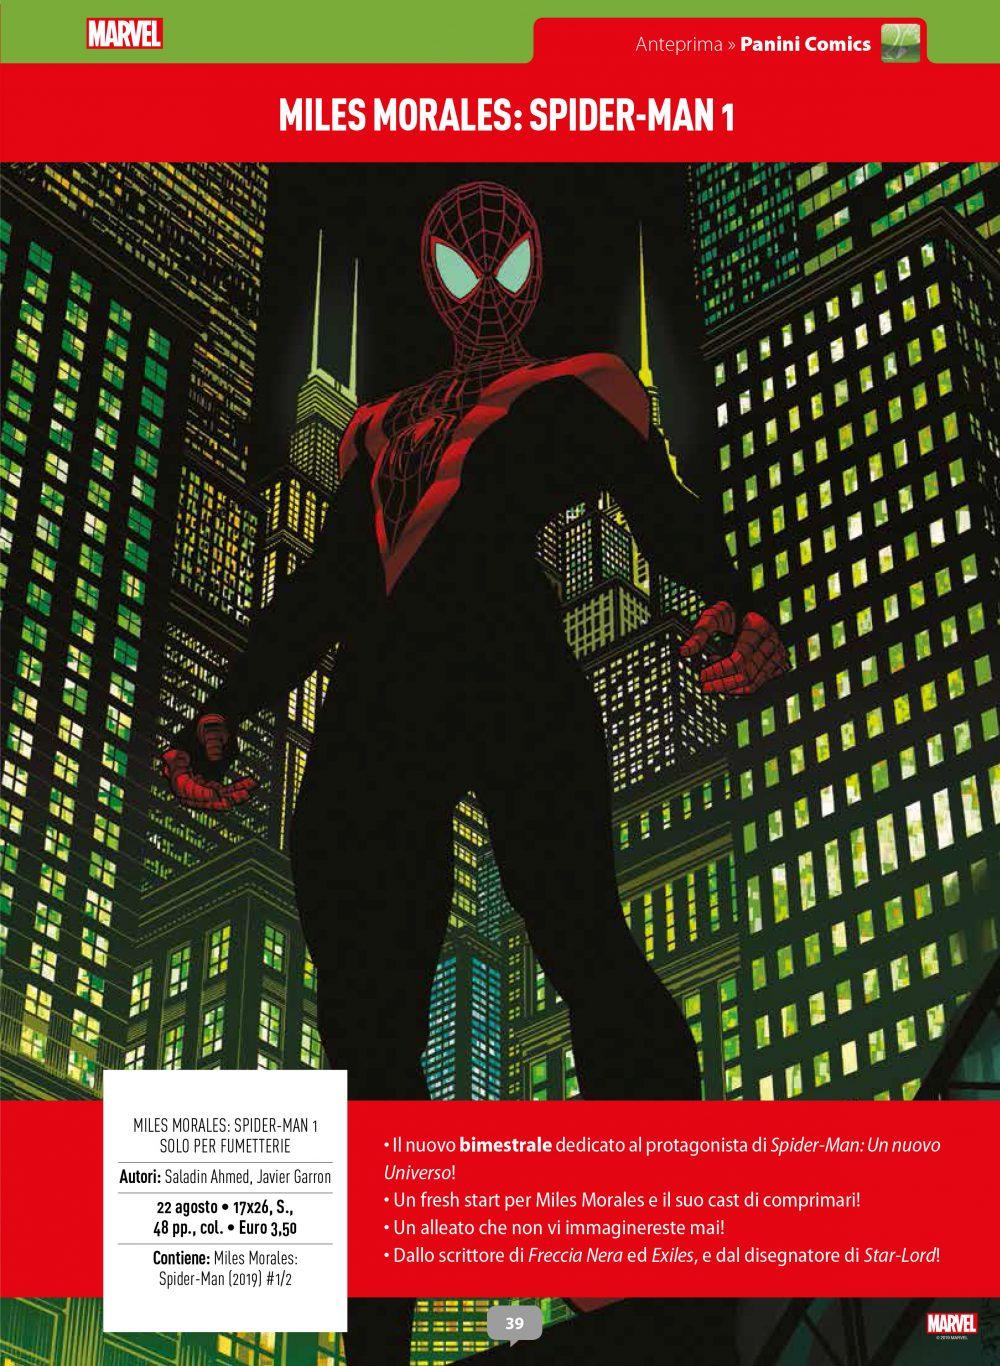 Miles Morales: Spider-Man 1 su Anteprima